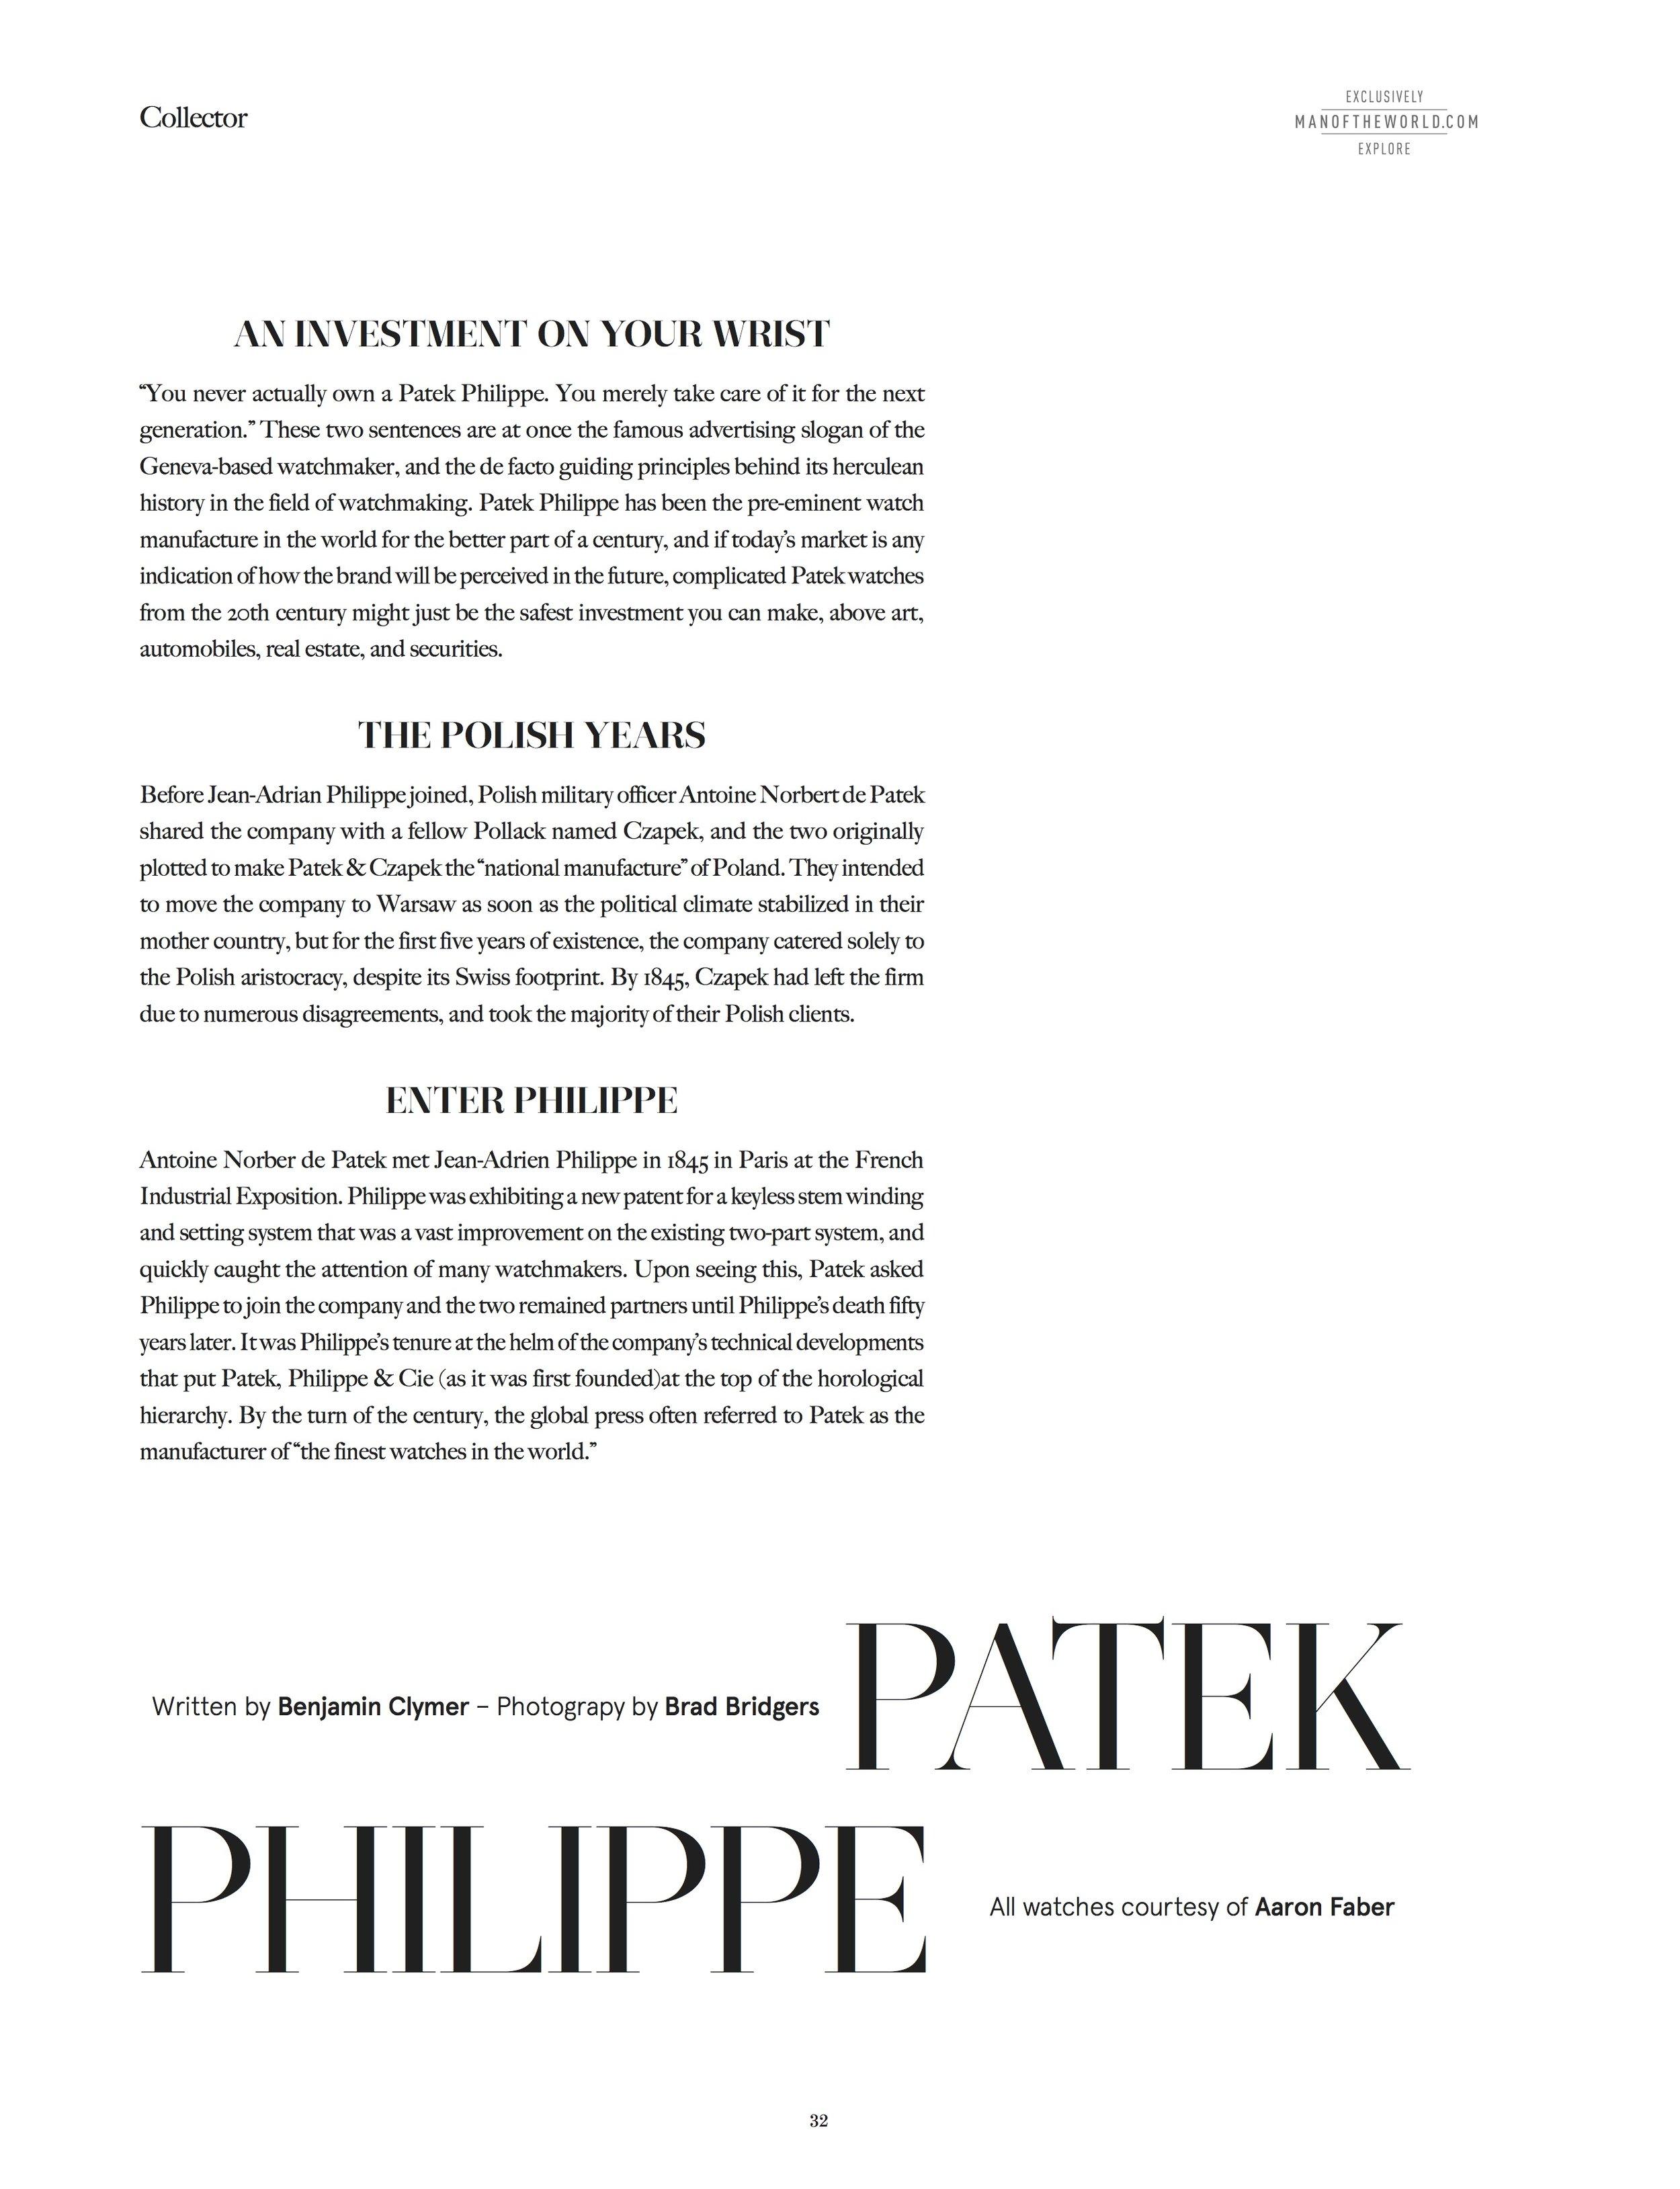 MOTW_Issue2_PatekPhilippe_1.jpg